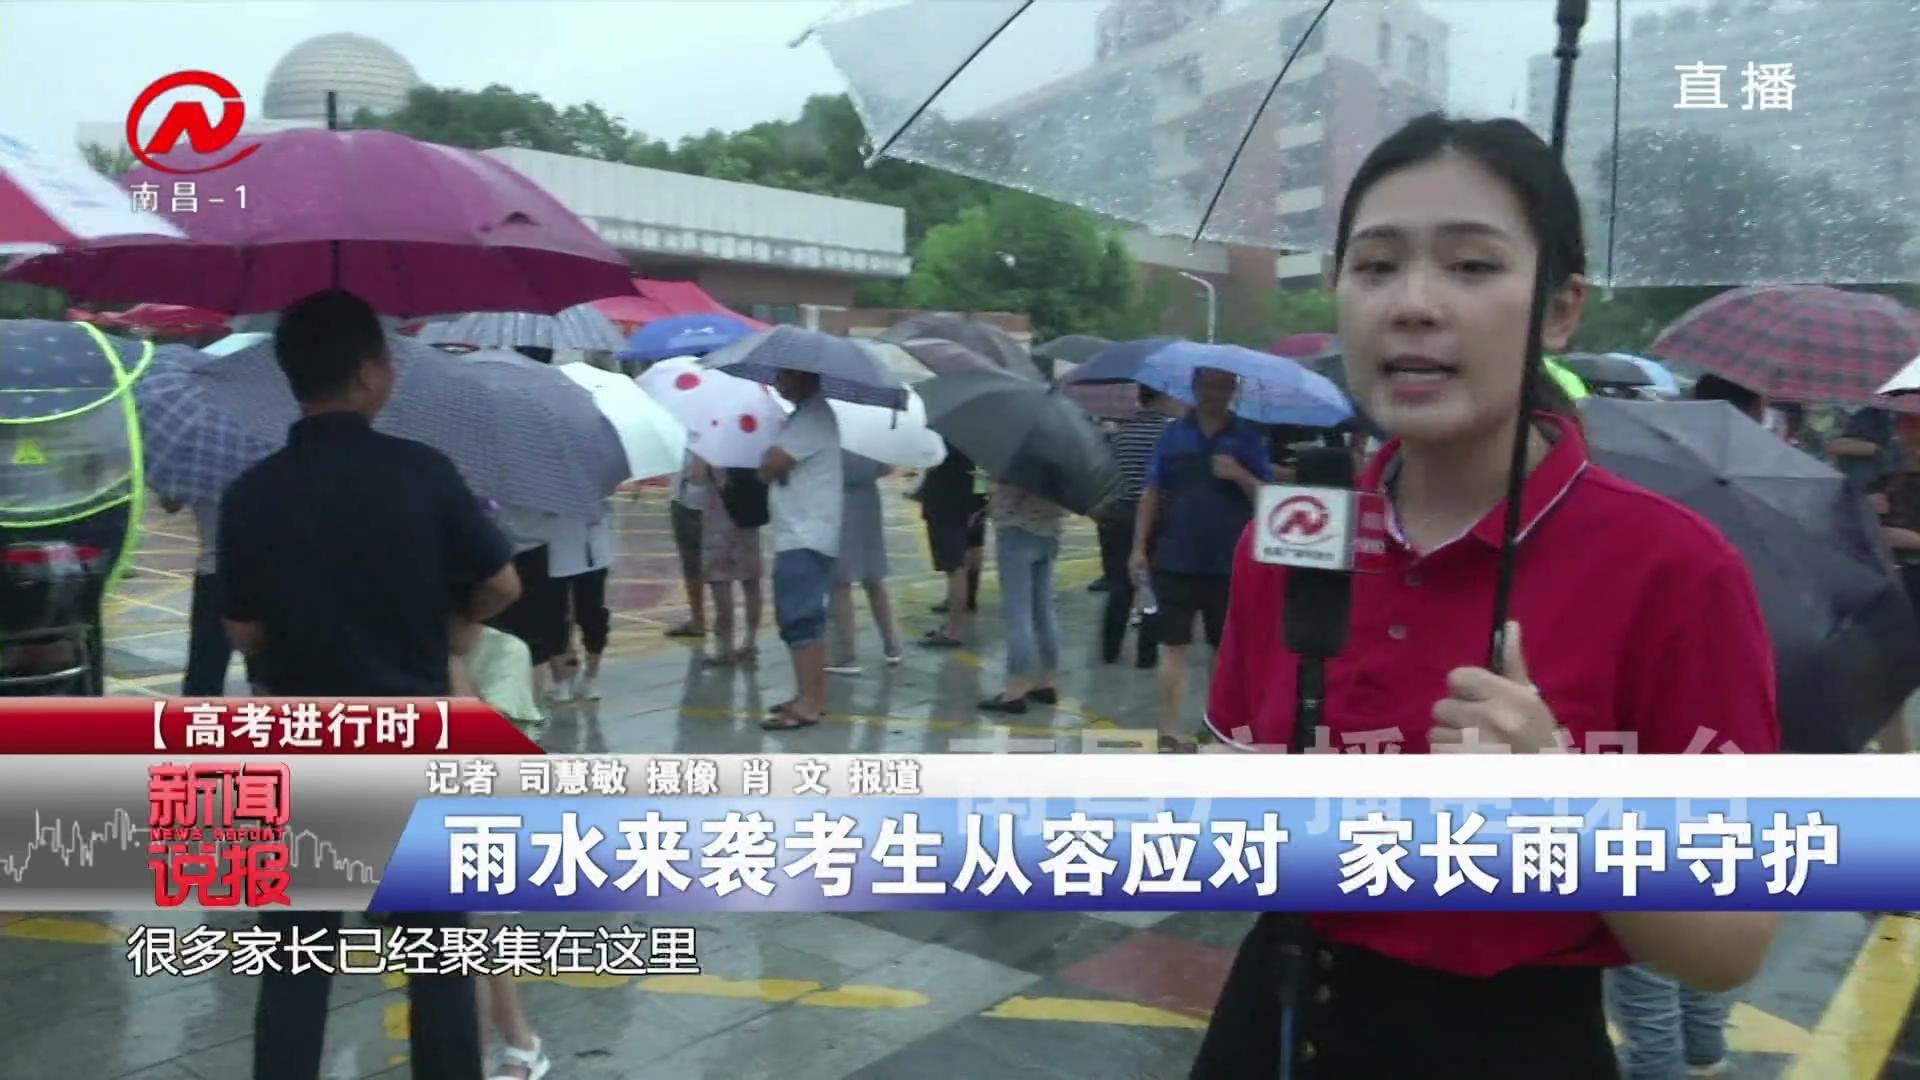 雨水来袭考生从容应对 家长雨中守护